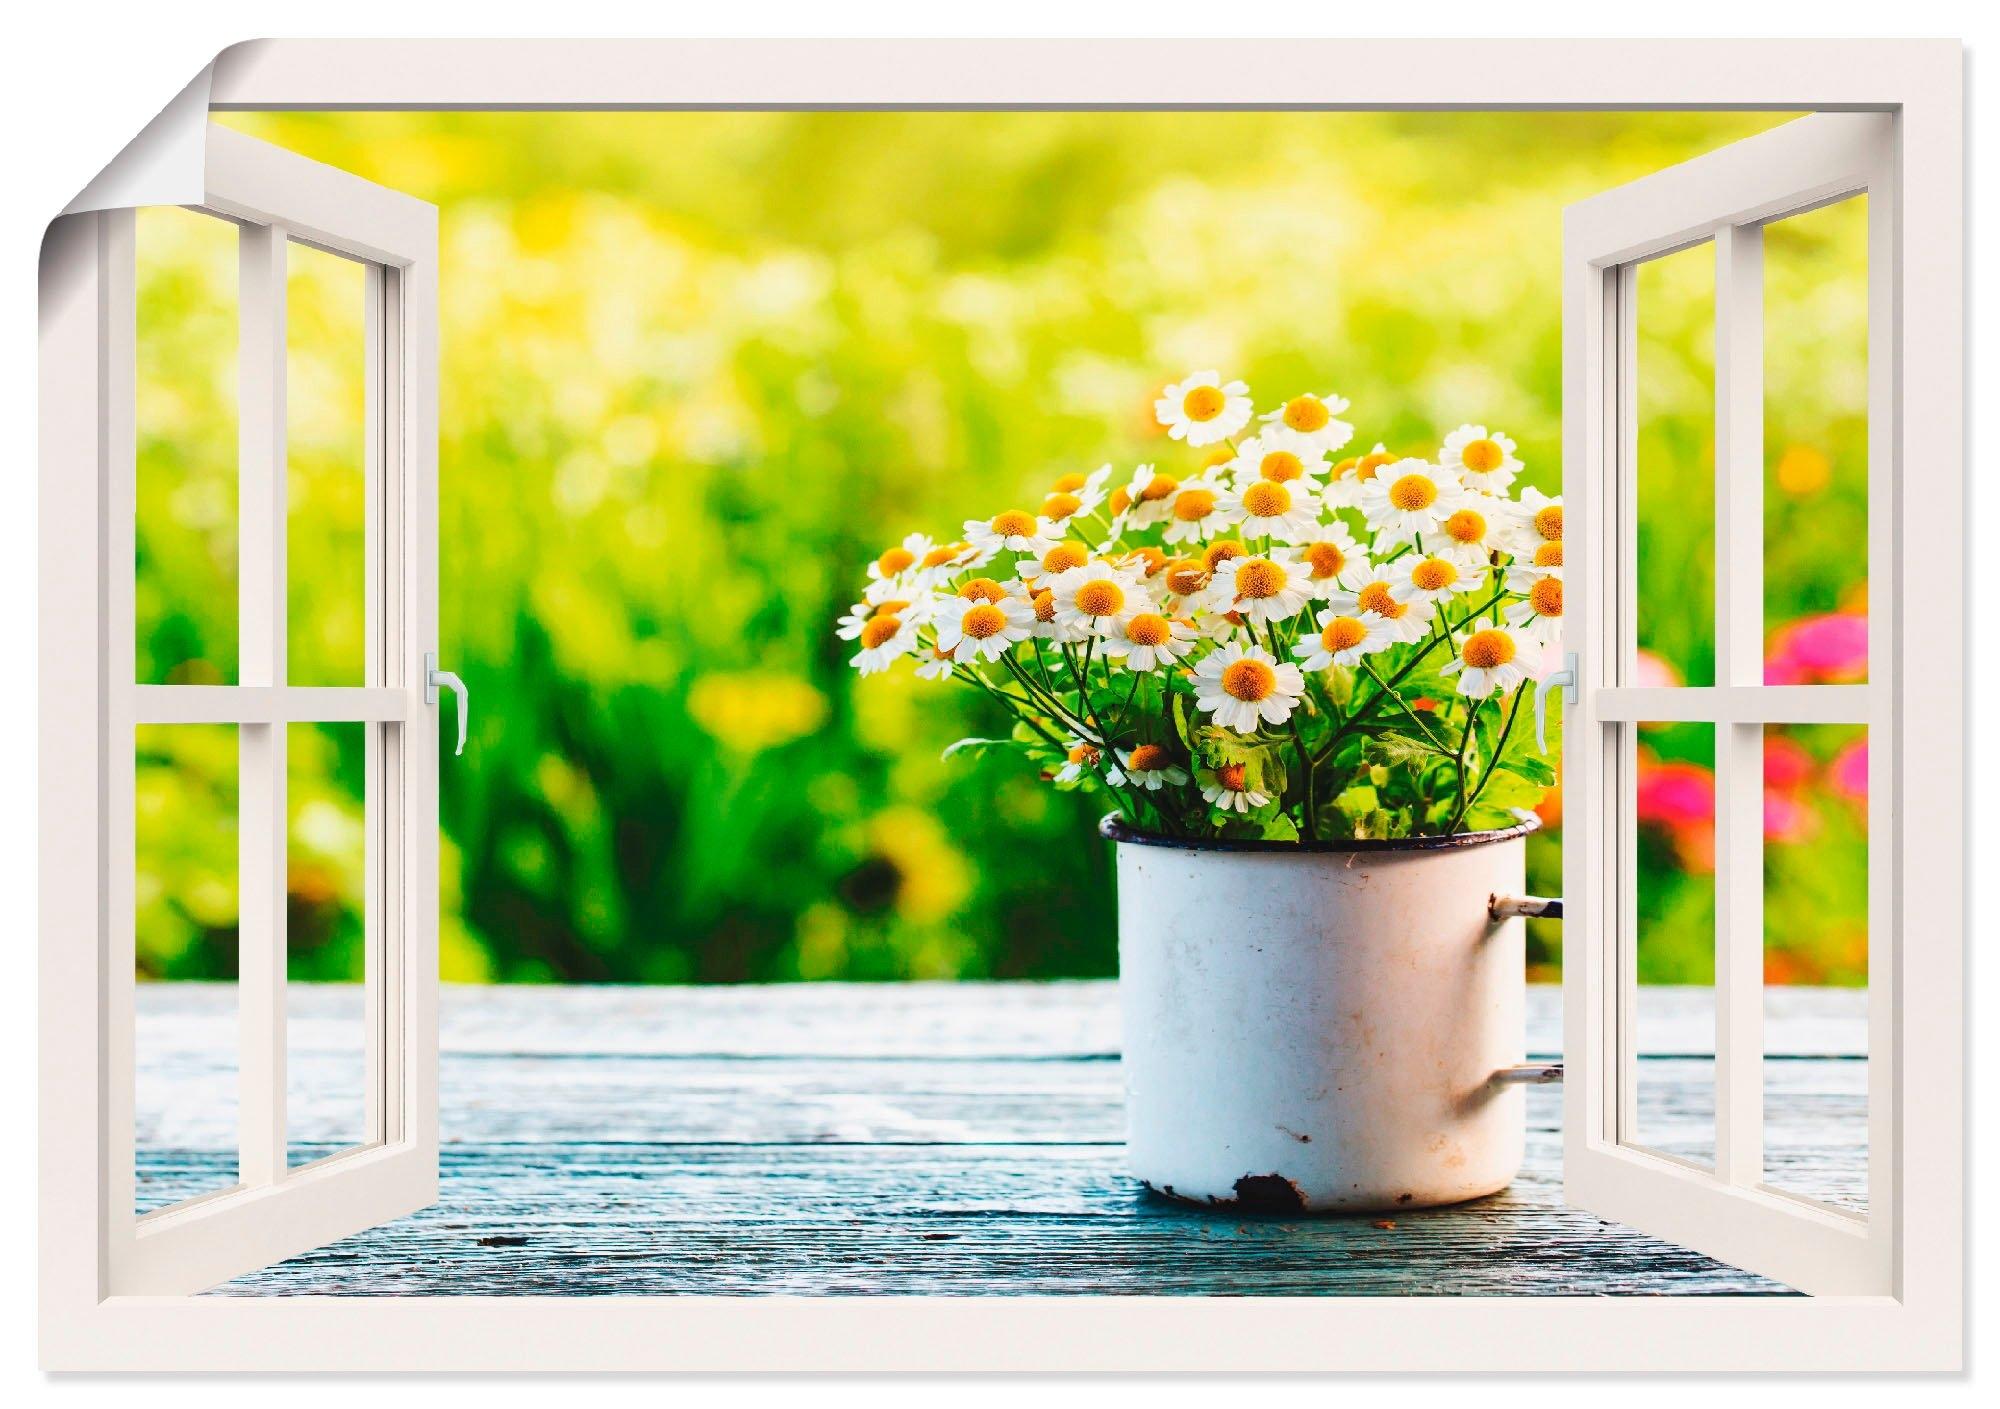 Artland artprint Blik uit het venster tuin met madeliefje in vele afmetingen & productsoorten - artprint van aluminium / artprint voor buiten, artprint op linnen, poster, muursticker / wandfolie ook geschikt voor de badkamer (1 stuk) veilig op otto.nl kopen